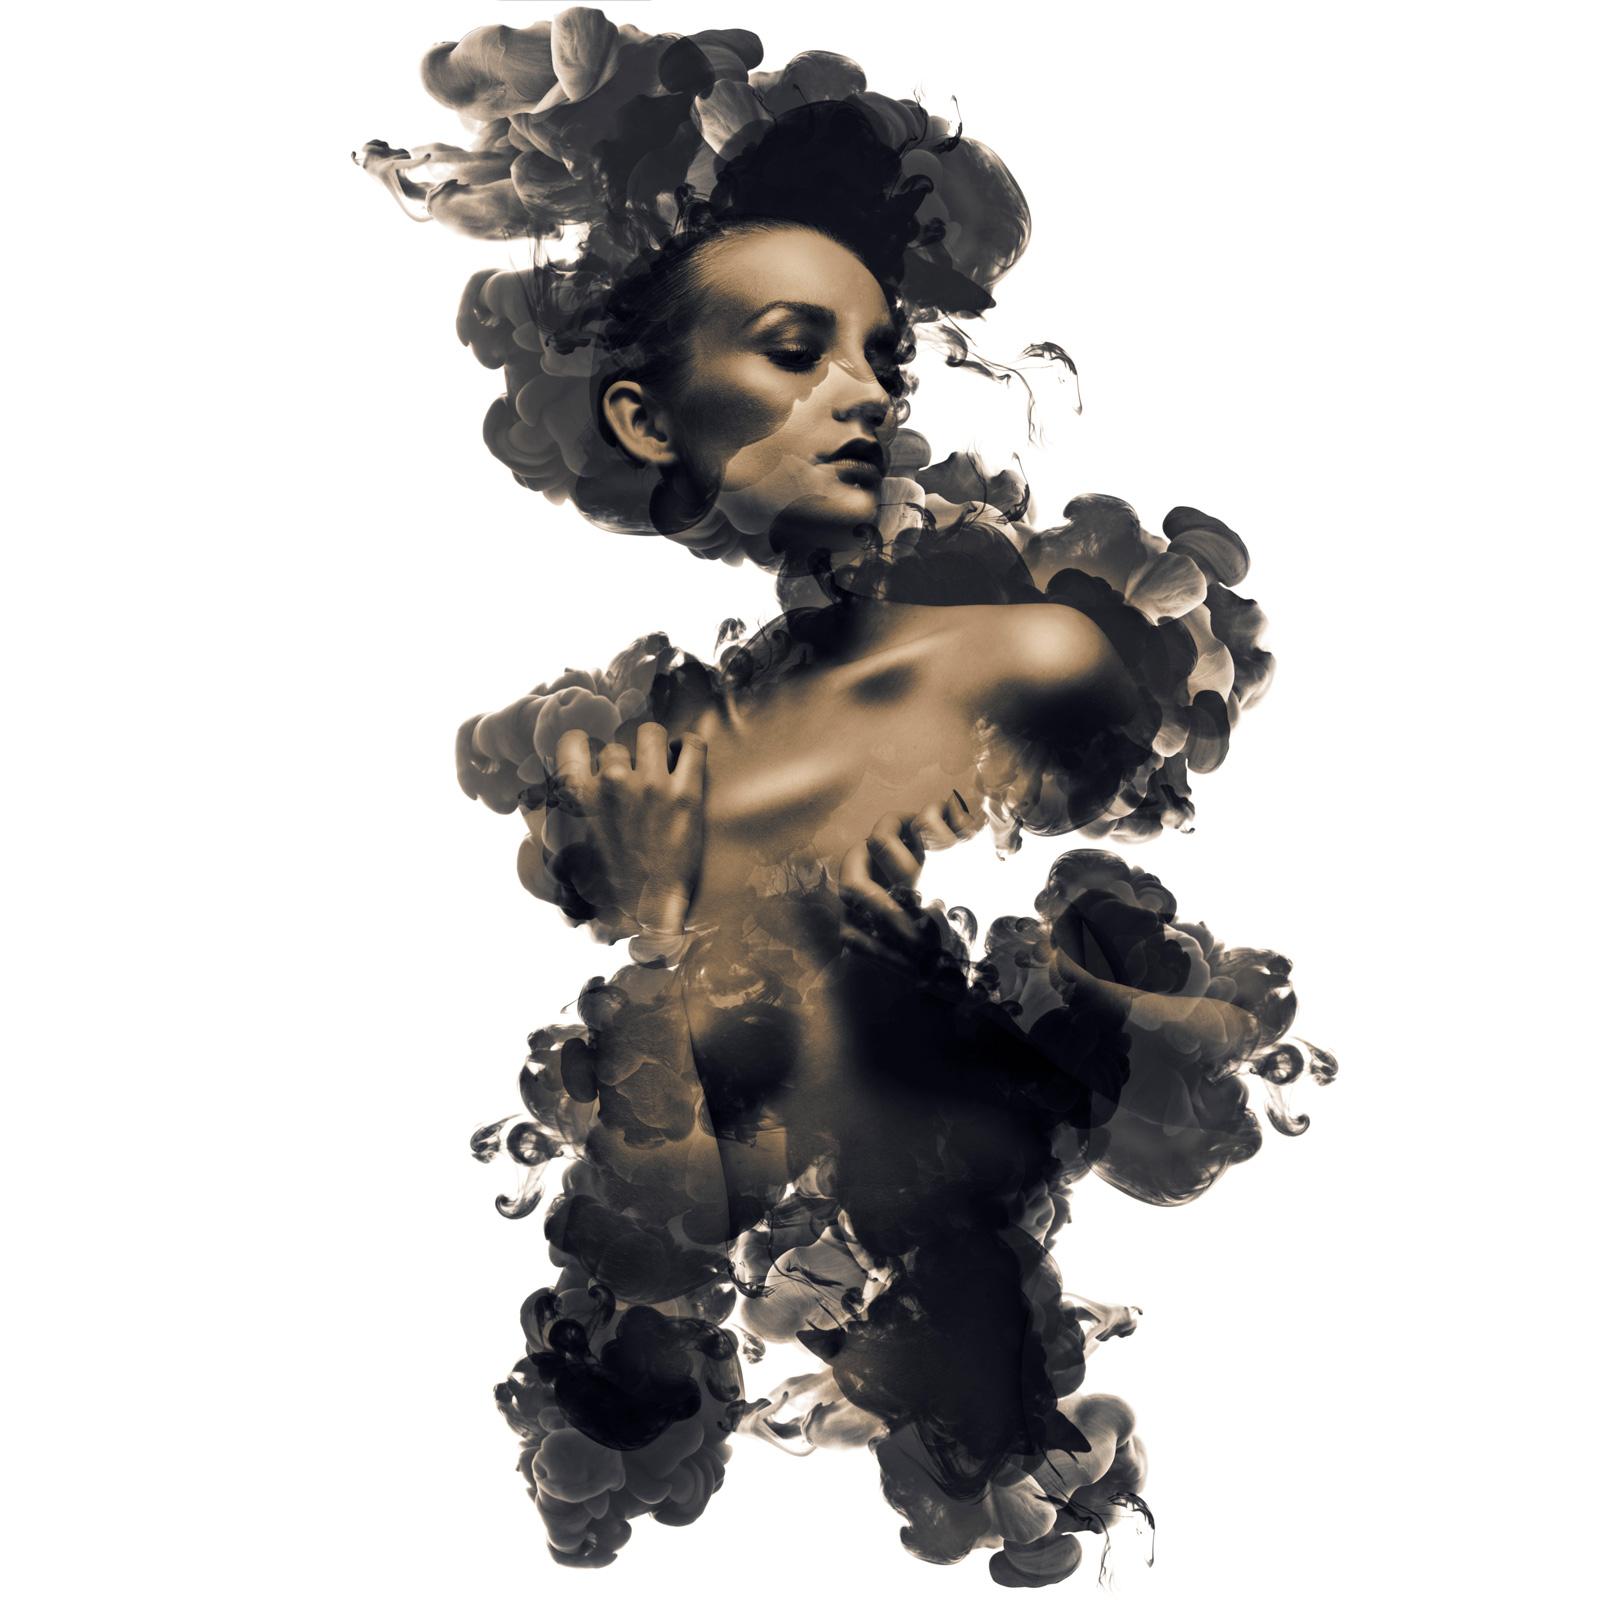 Nutze fertige Pinsel oder lerne, wie du in Photoshop Pinsel erstellst. Beispiel zur Anwendung von Pinseln: Porträt einer Frau, das aus wabernden Tinten auftaucht.